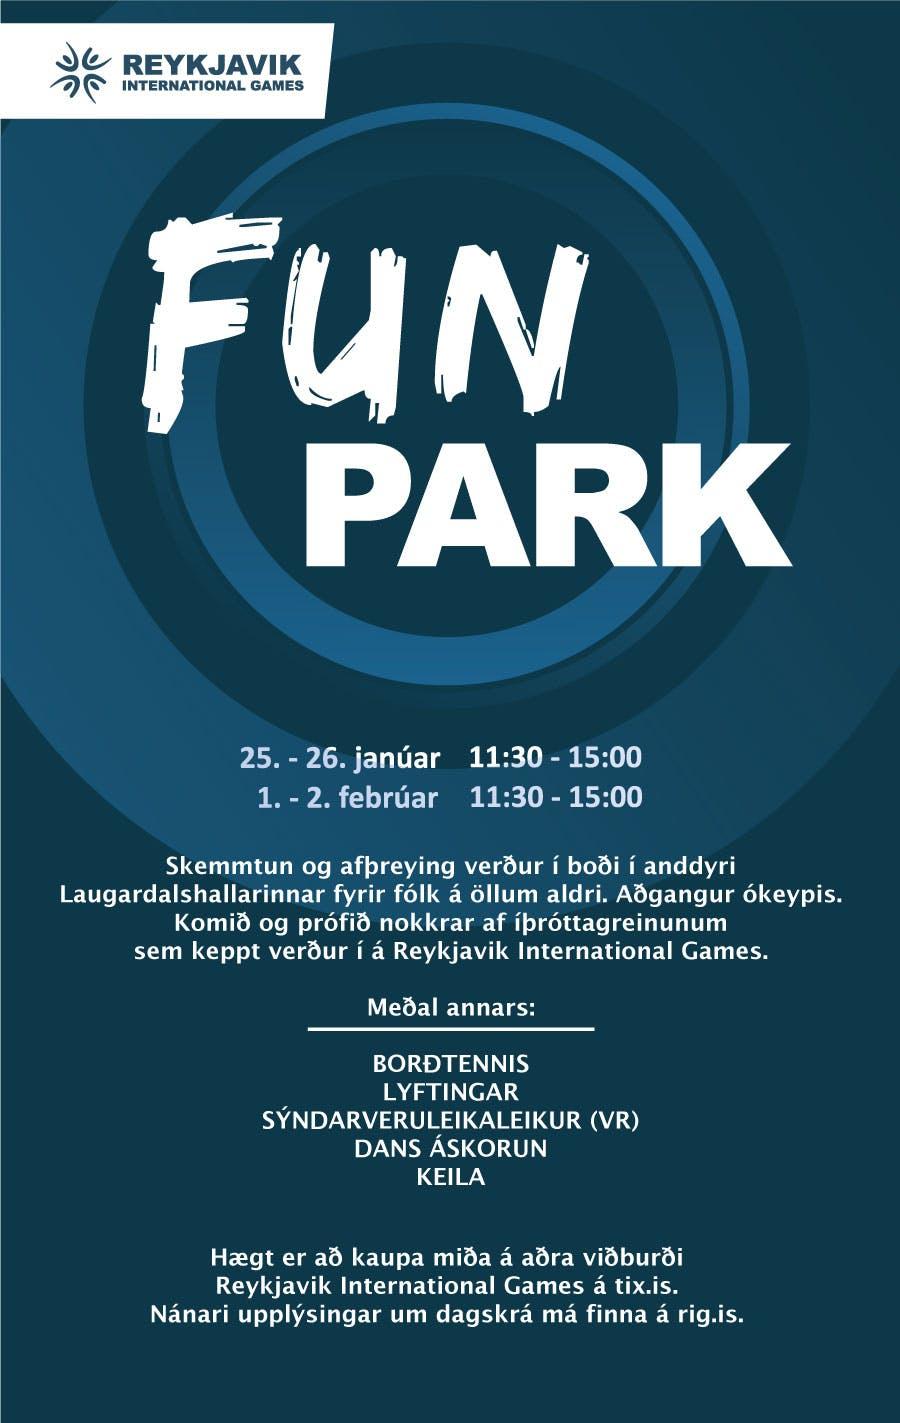 Upplýsingar um Fun Park